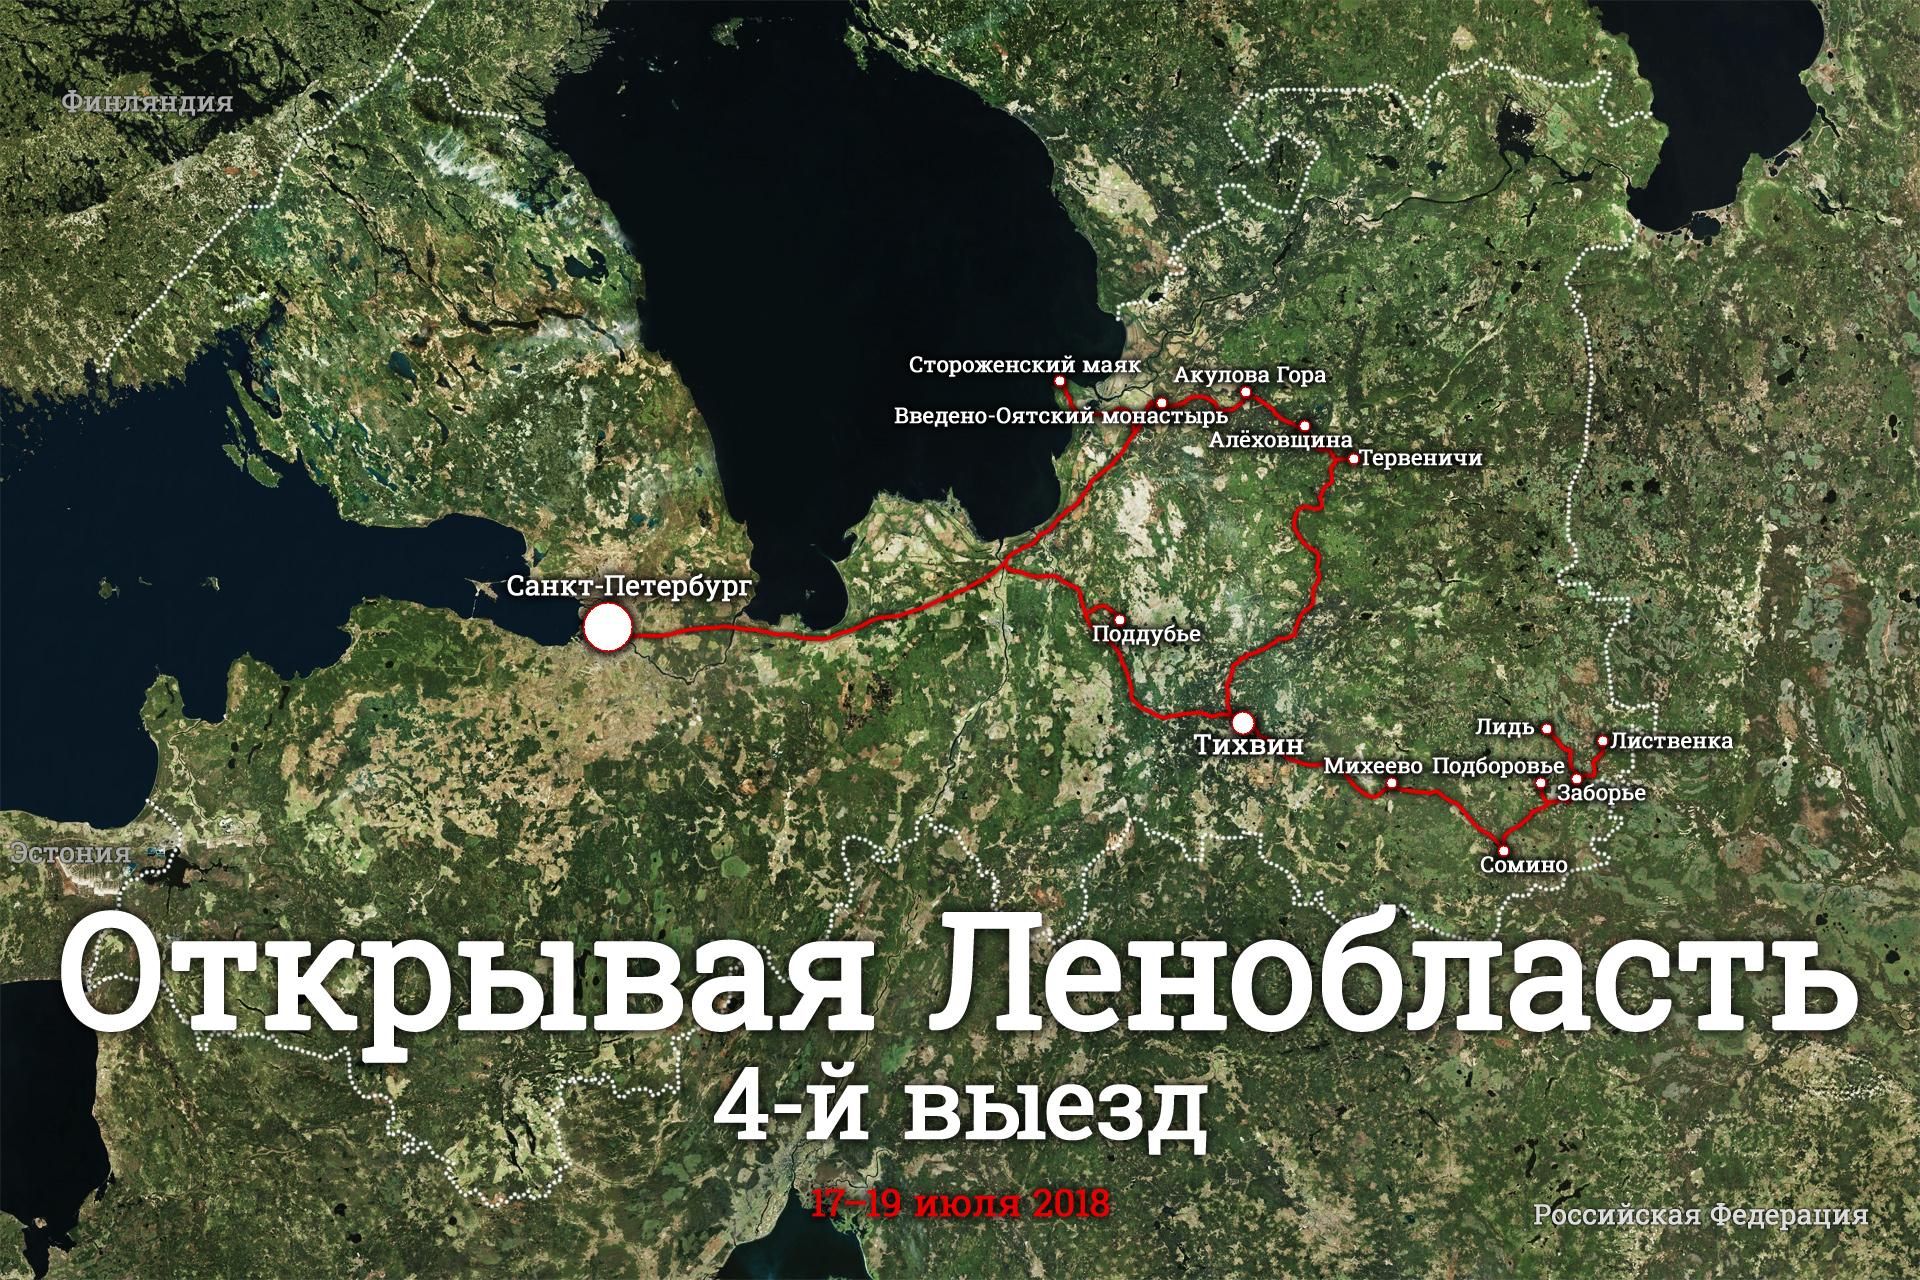 Маршрут путешествия «Открывая Ленобласть. 4-й выезд»